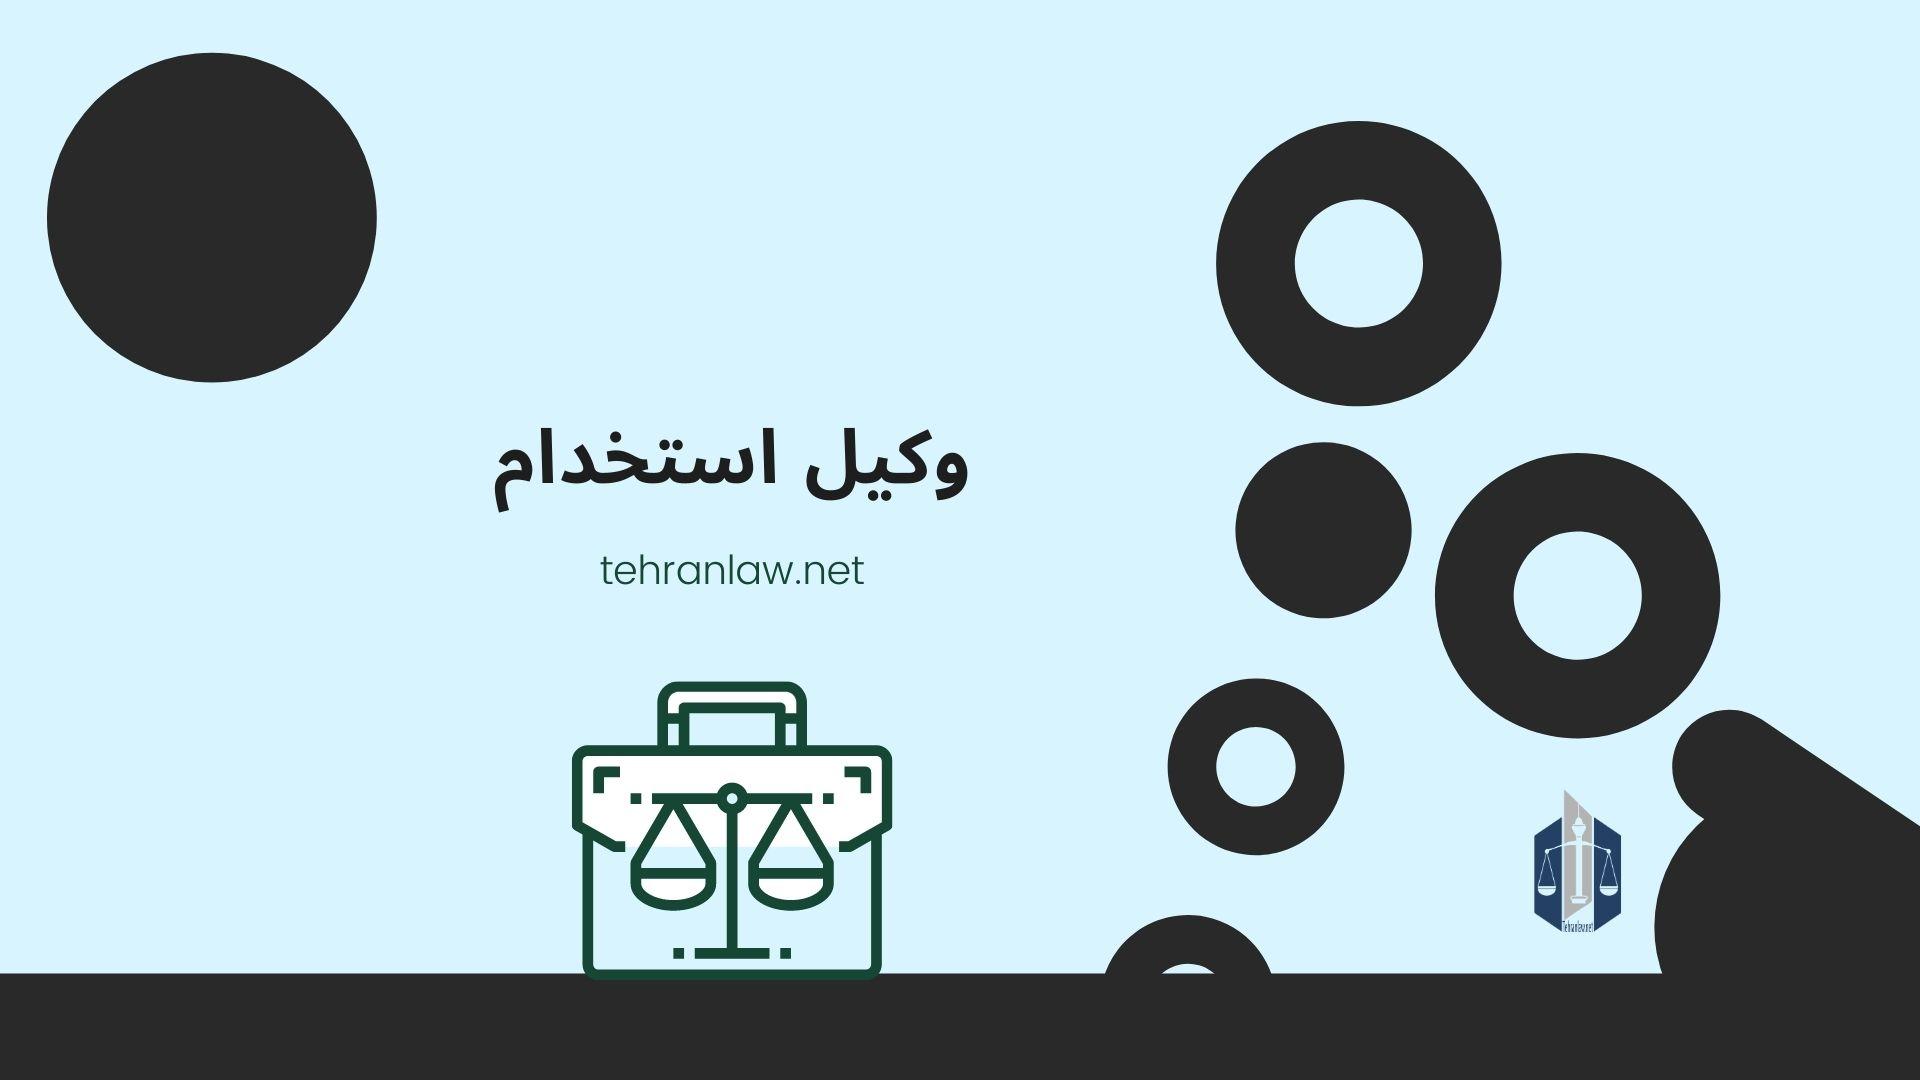 وکیل استخدام